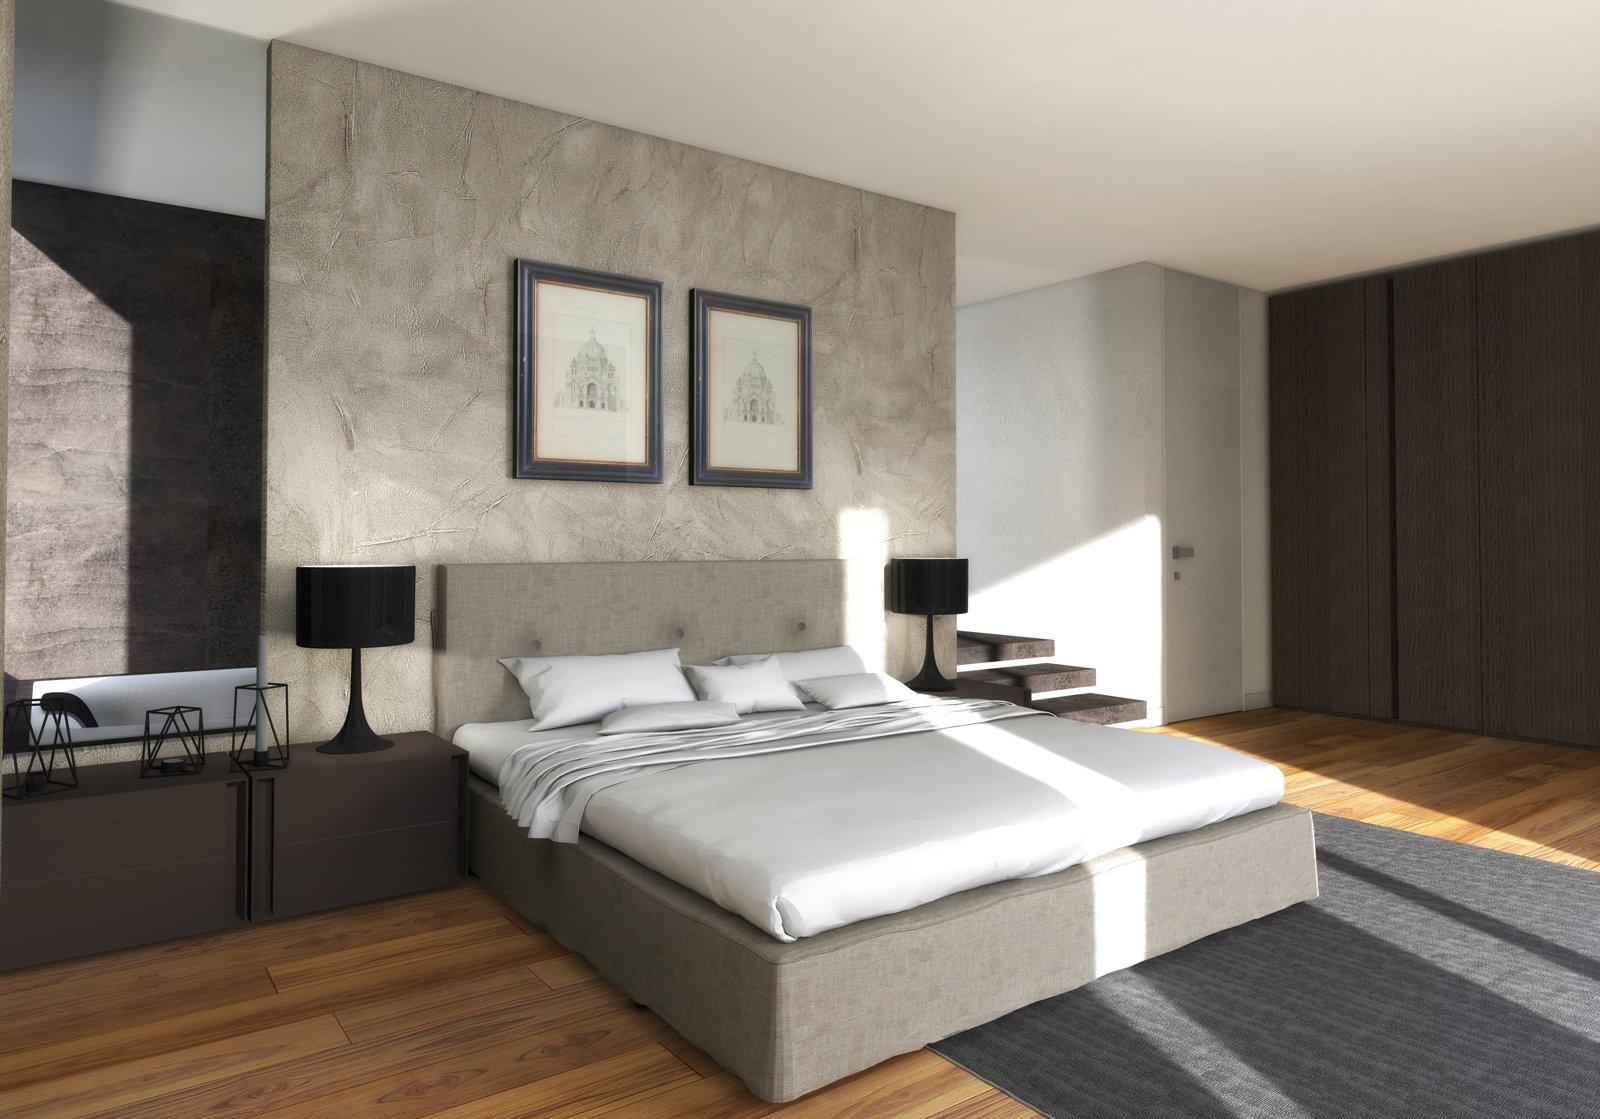 Arredare la camera un progetto dal design discreto e sofisticato cose di casa - Pitture camera da letto ...